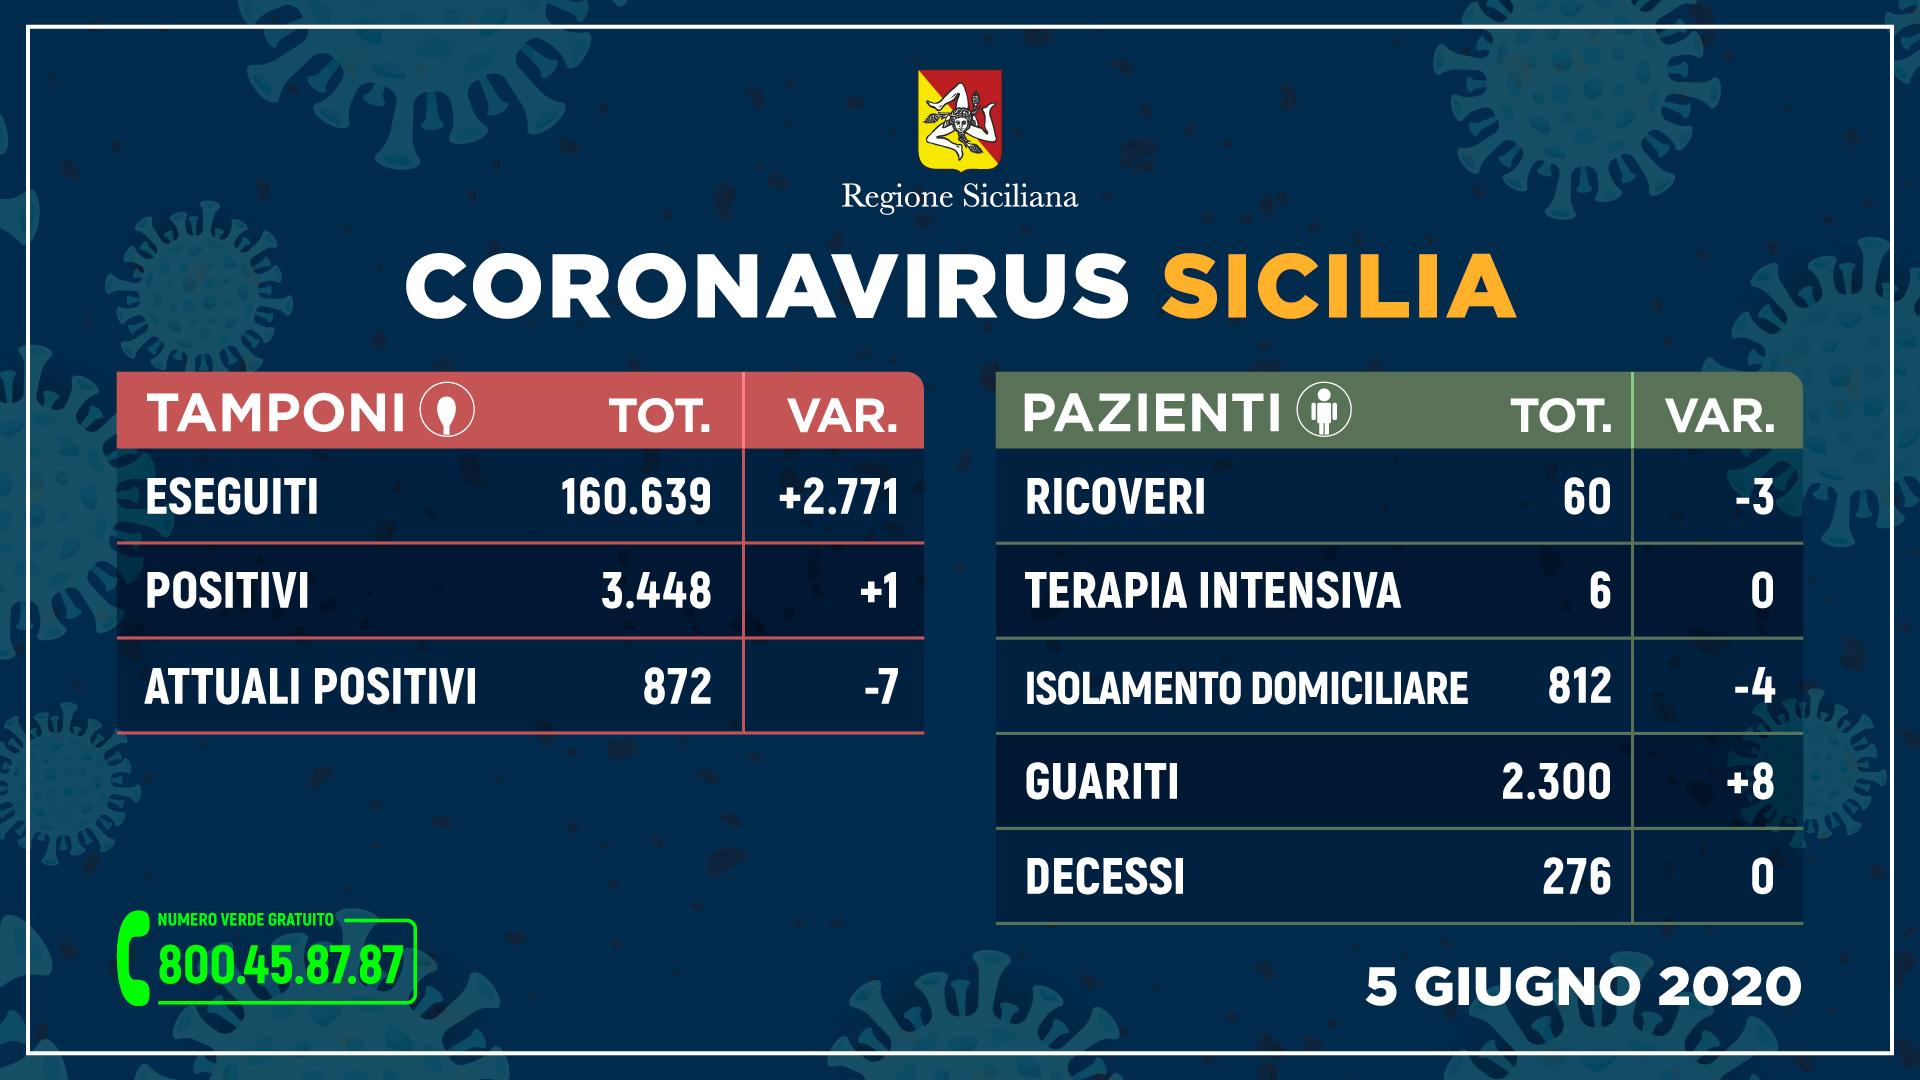 Coronavirus: Sicilia quasi 'immune' e penultima per tasso di mortalità